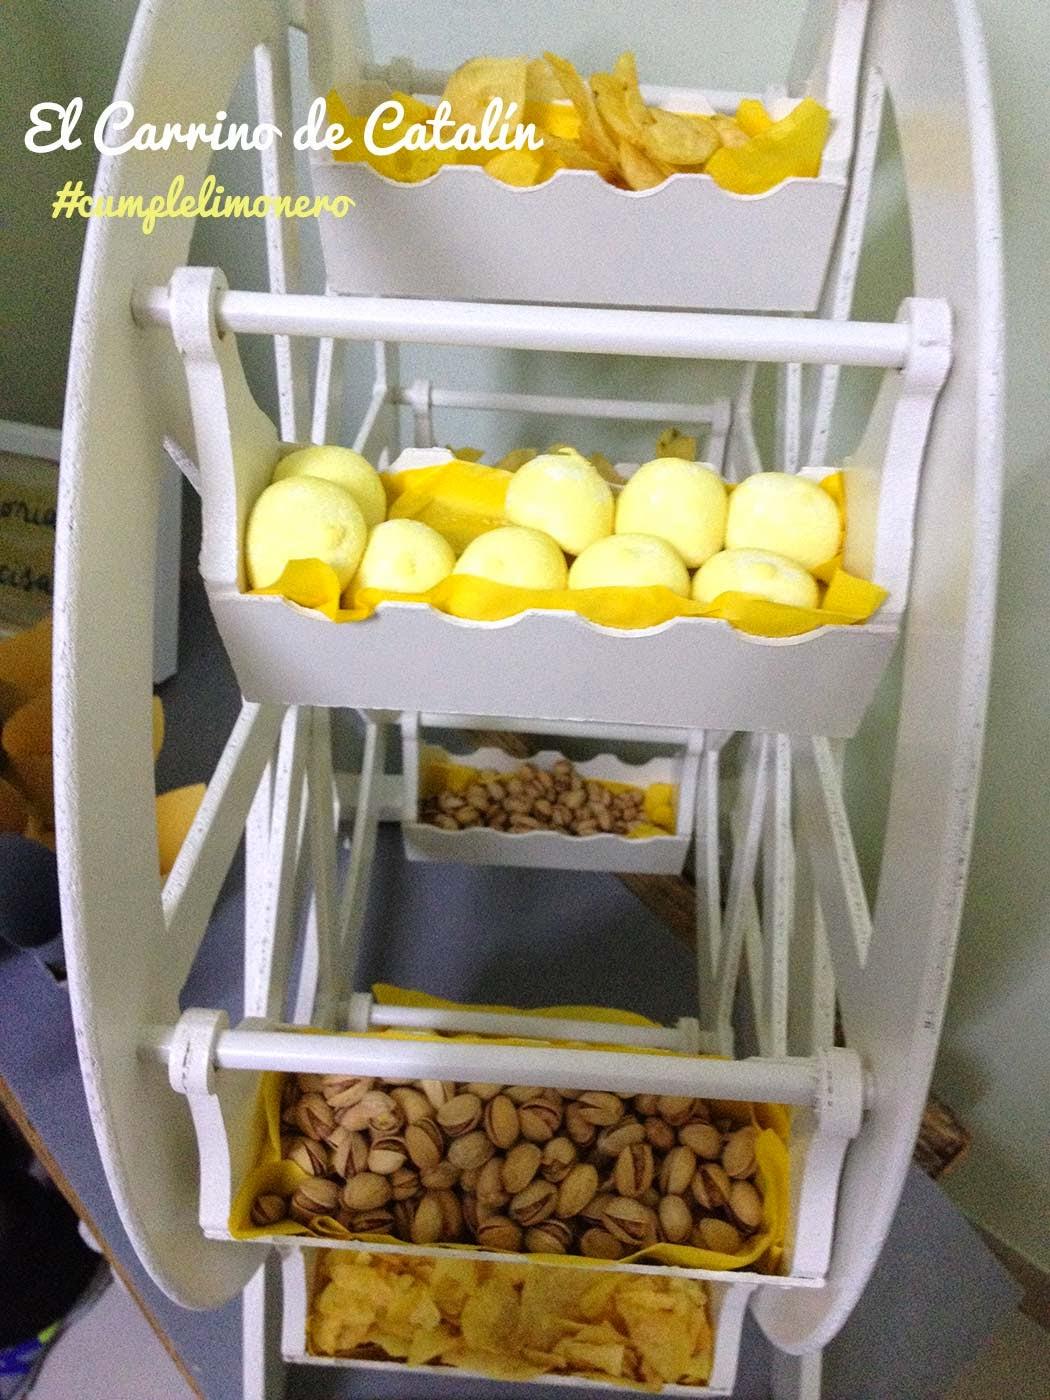 Noria de chuches, noria dulce, noria de frutos secos